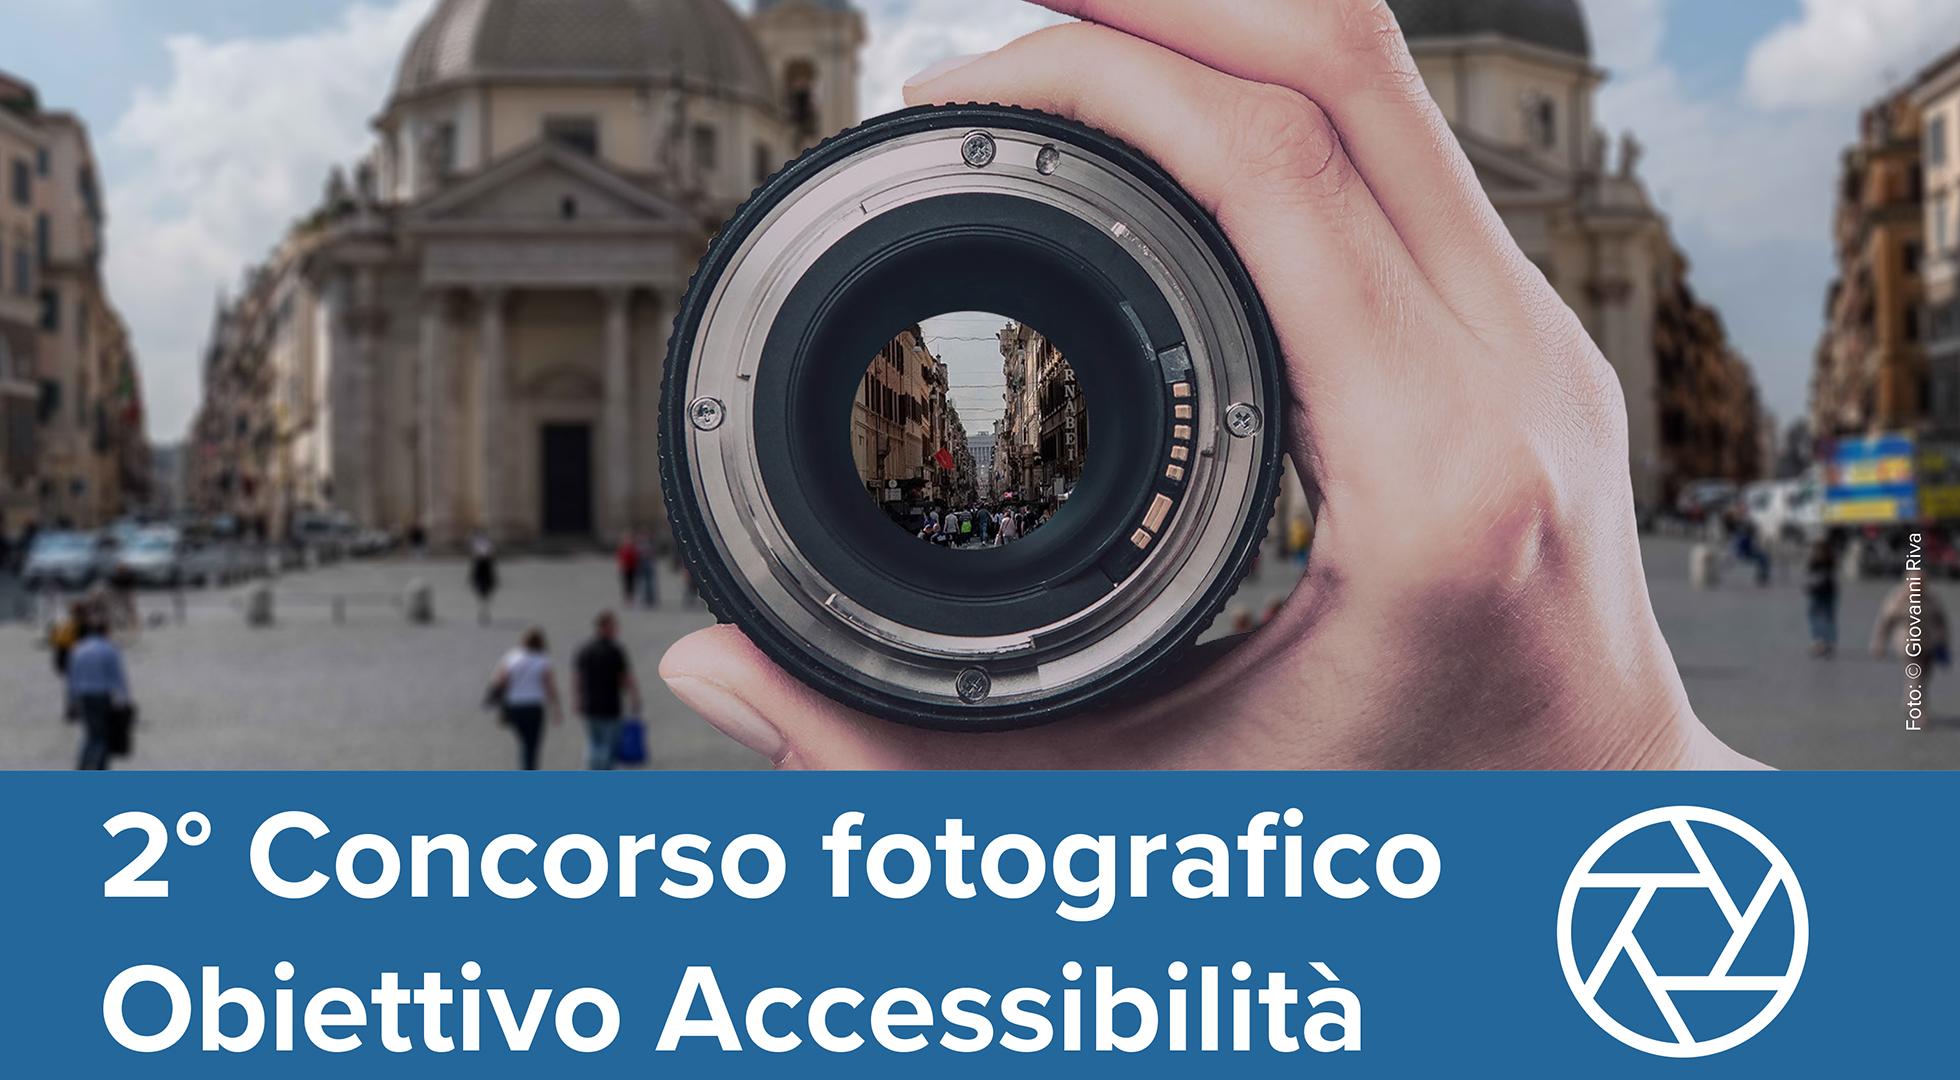 """Foto ufficiale del concorso """"Obiettivo accessibilità"""". Una mano che tiene un obiettivo puntato su Via del Corso a Roma"""